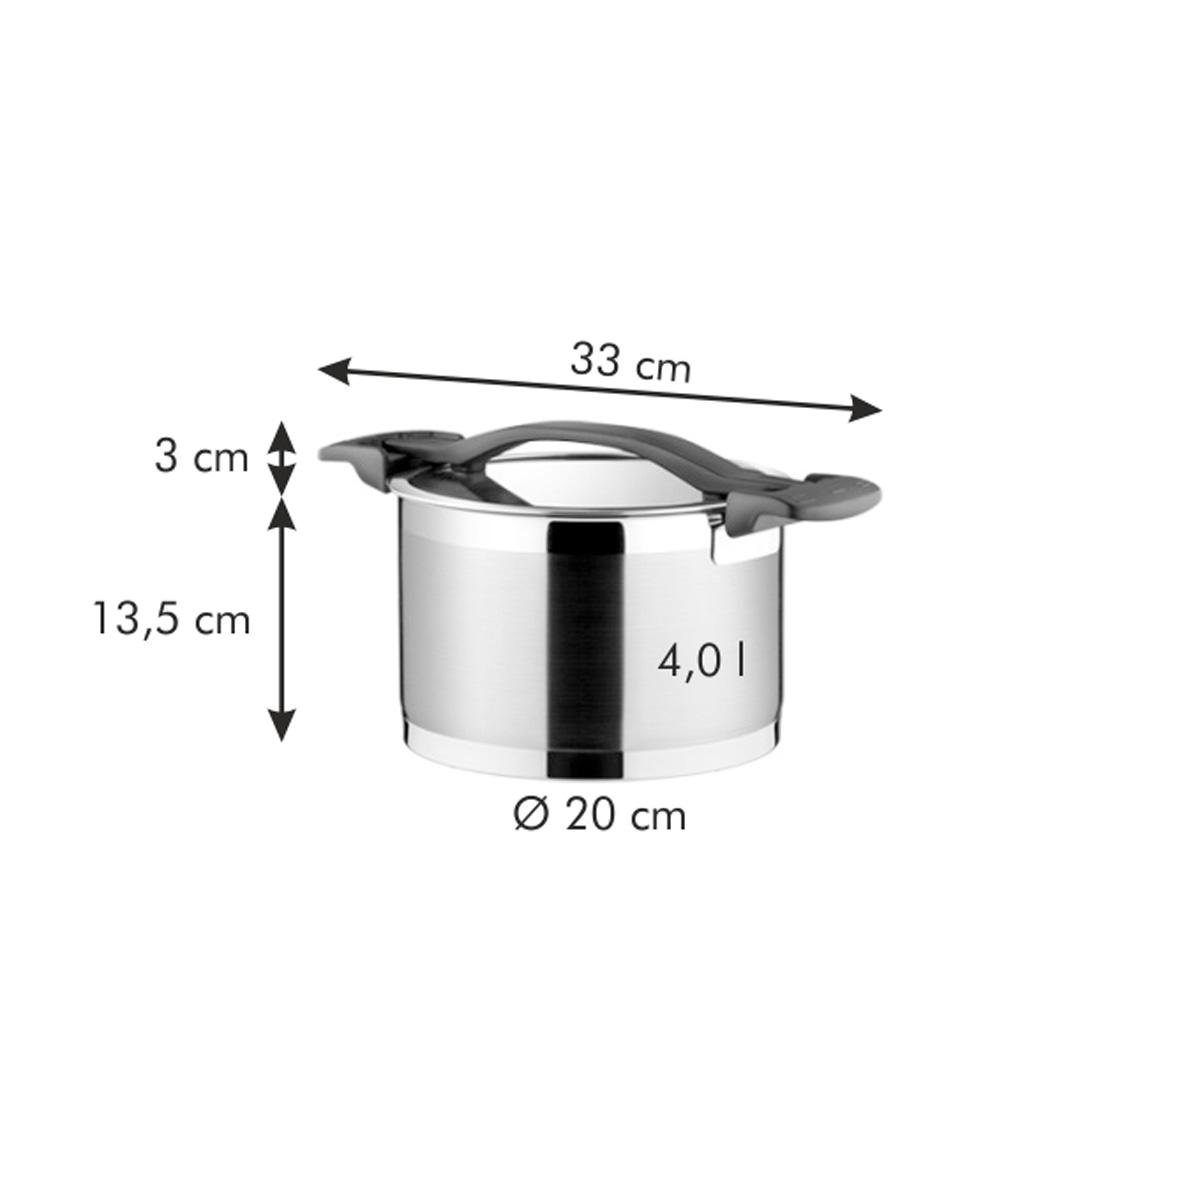 Hrnec ULTIMA s poklicí ø 20 cm, 4.0 l